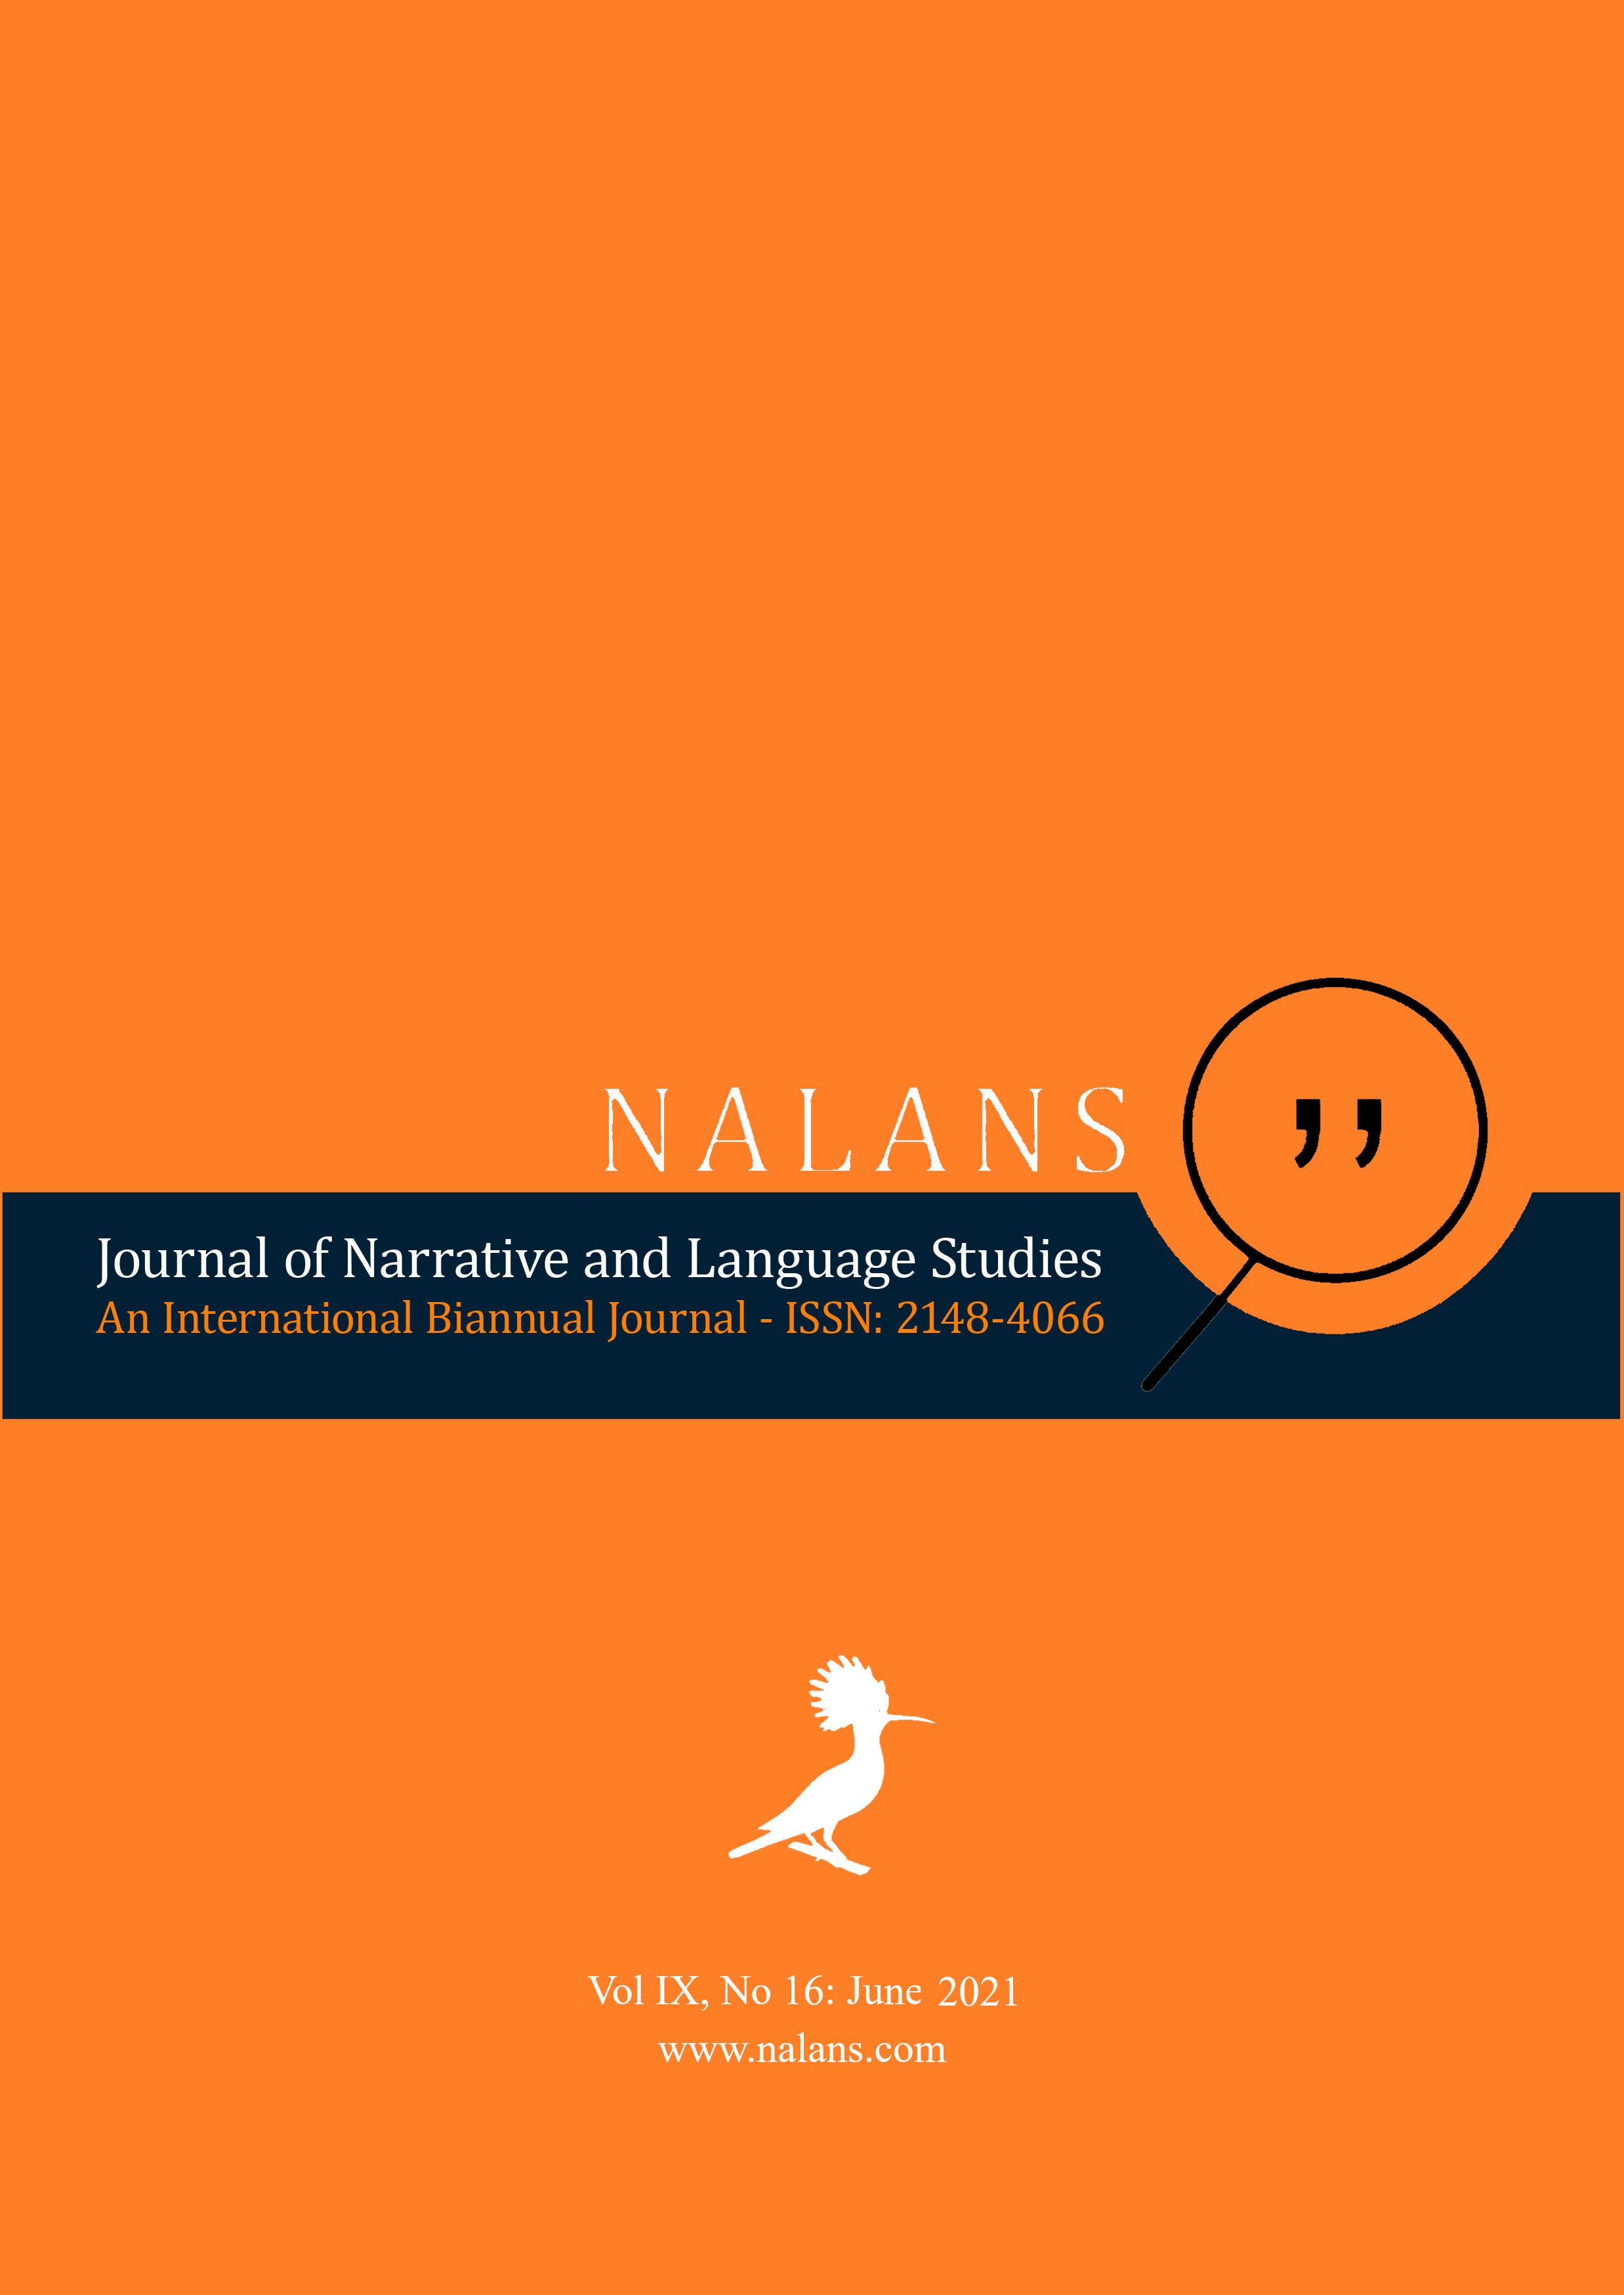 NALANS ISSUE JUNE 2021